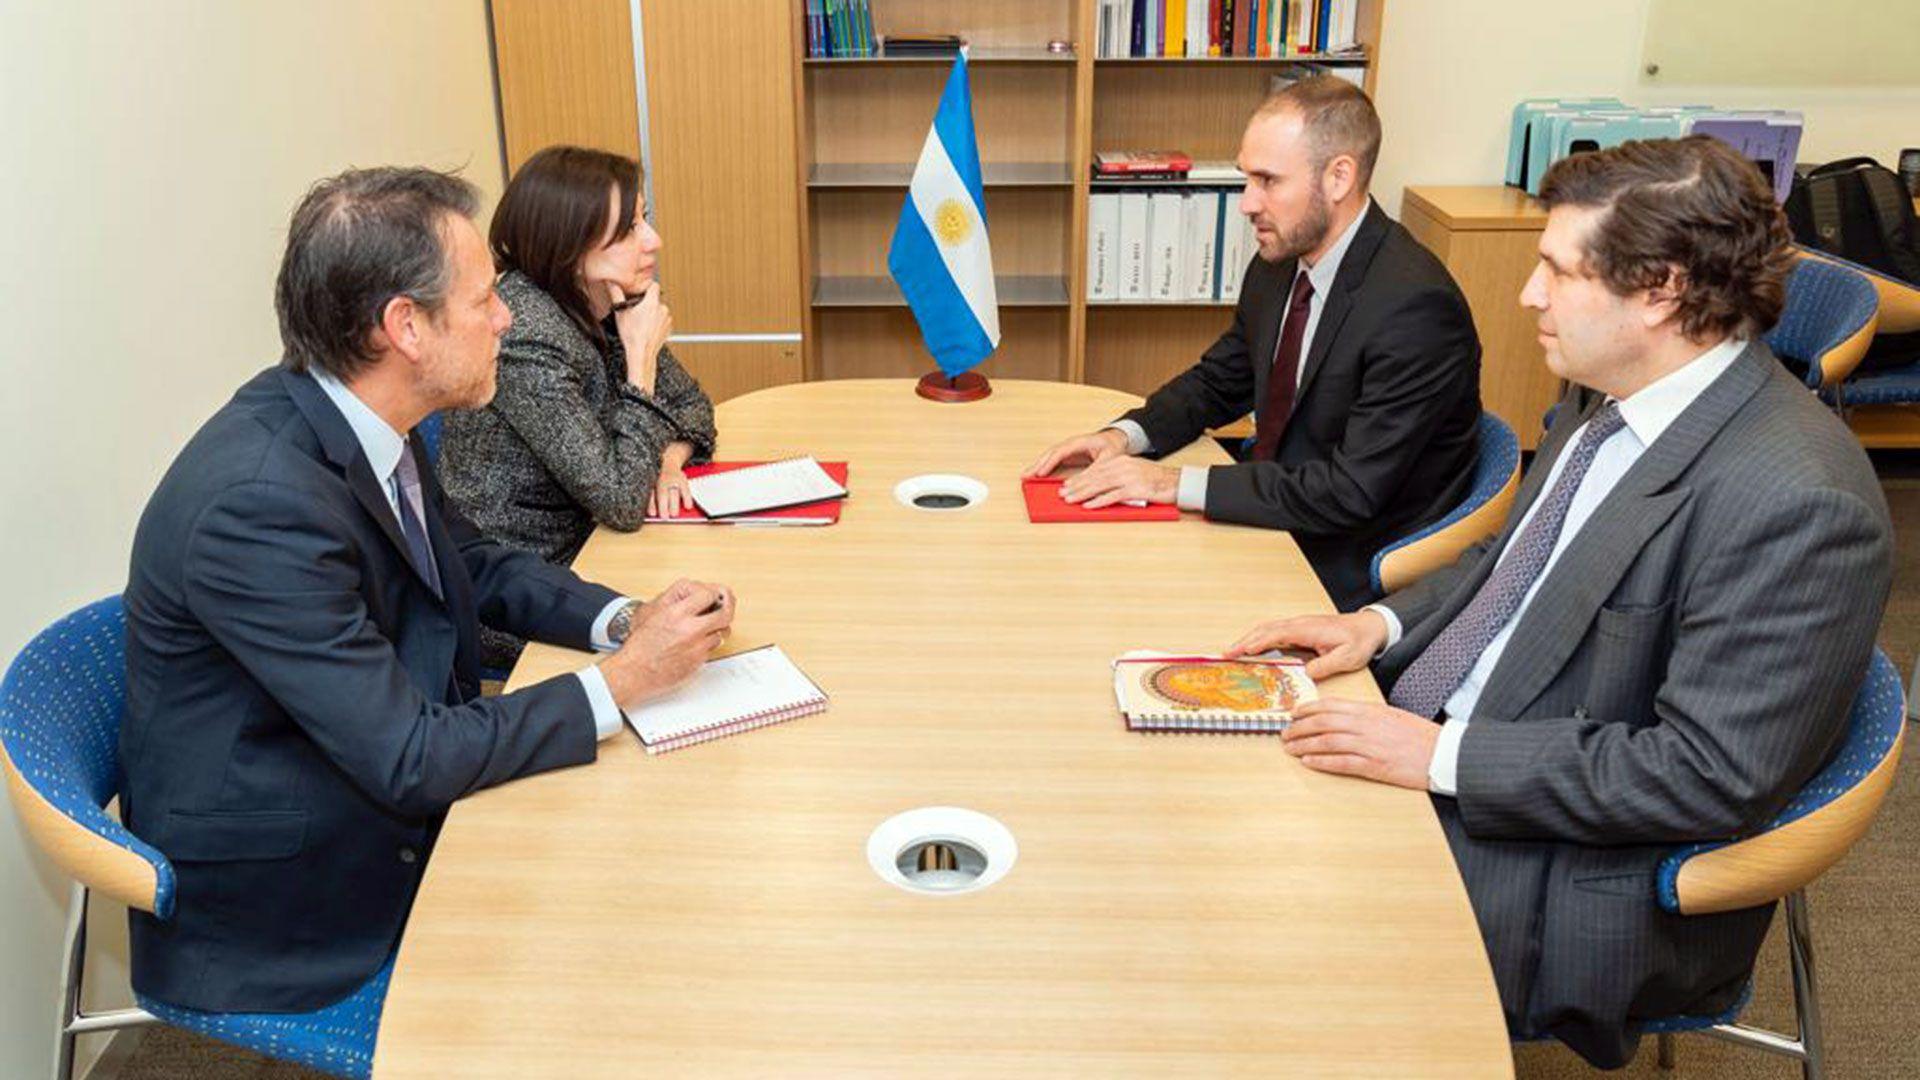 Guzmán, Chodos, Cubeddu y Kozack, durante un encuentro en la última visita del FMI al país, en febrero pasado